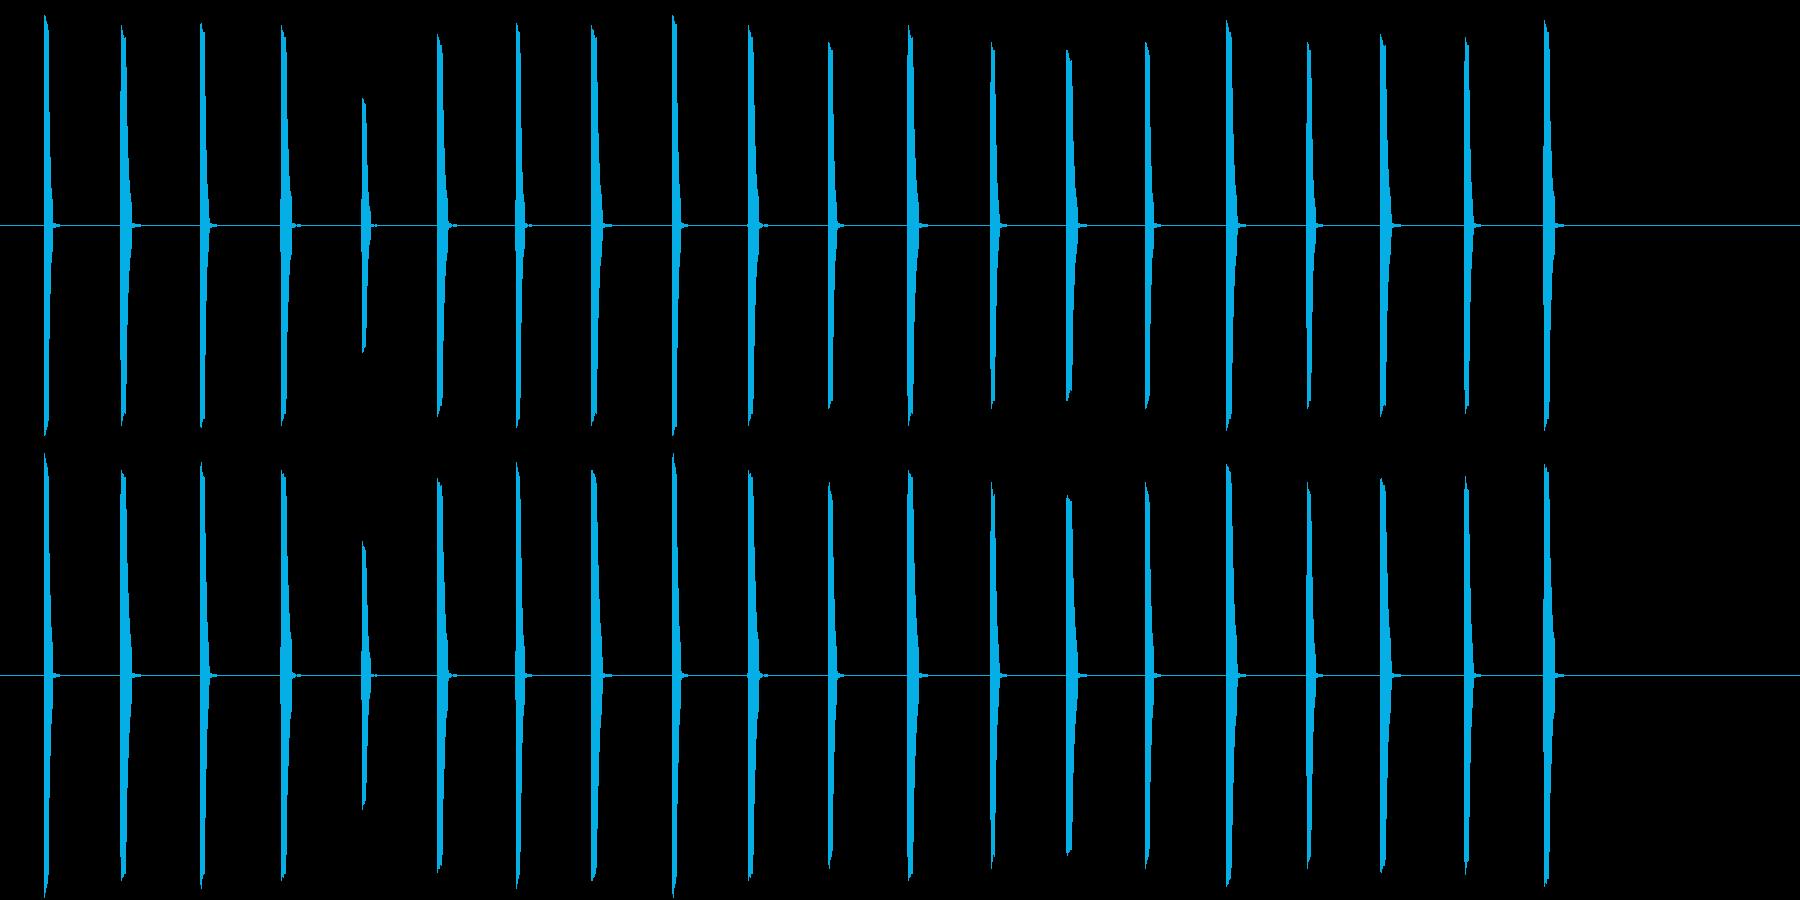 アニメ かわいい 歩く音 動物SE4の再生済みの波形